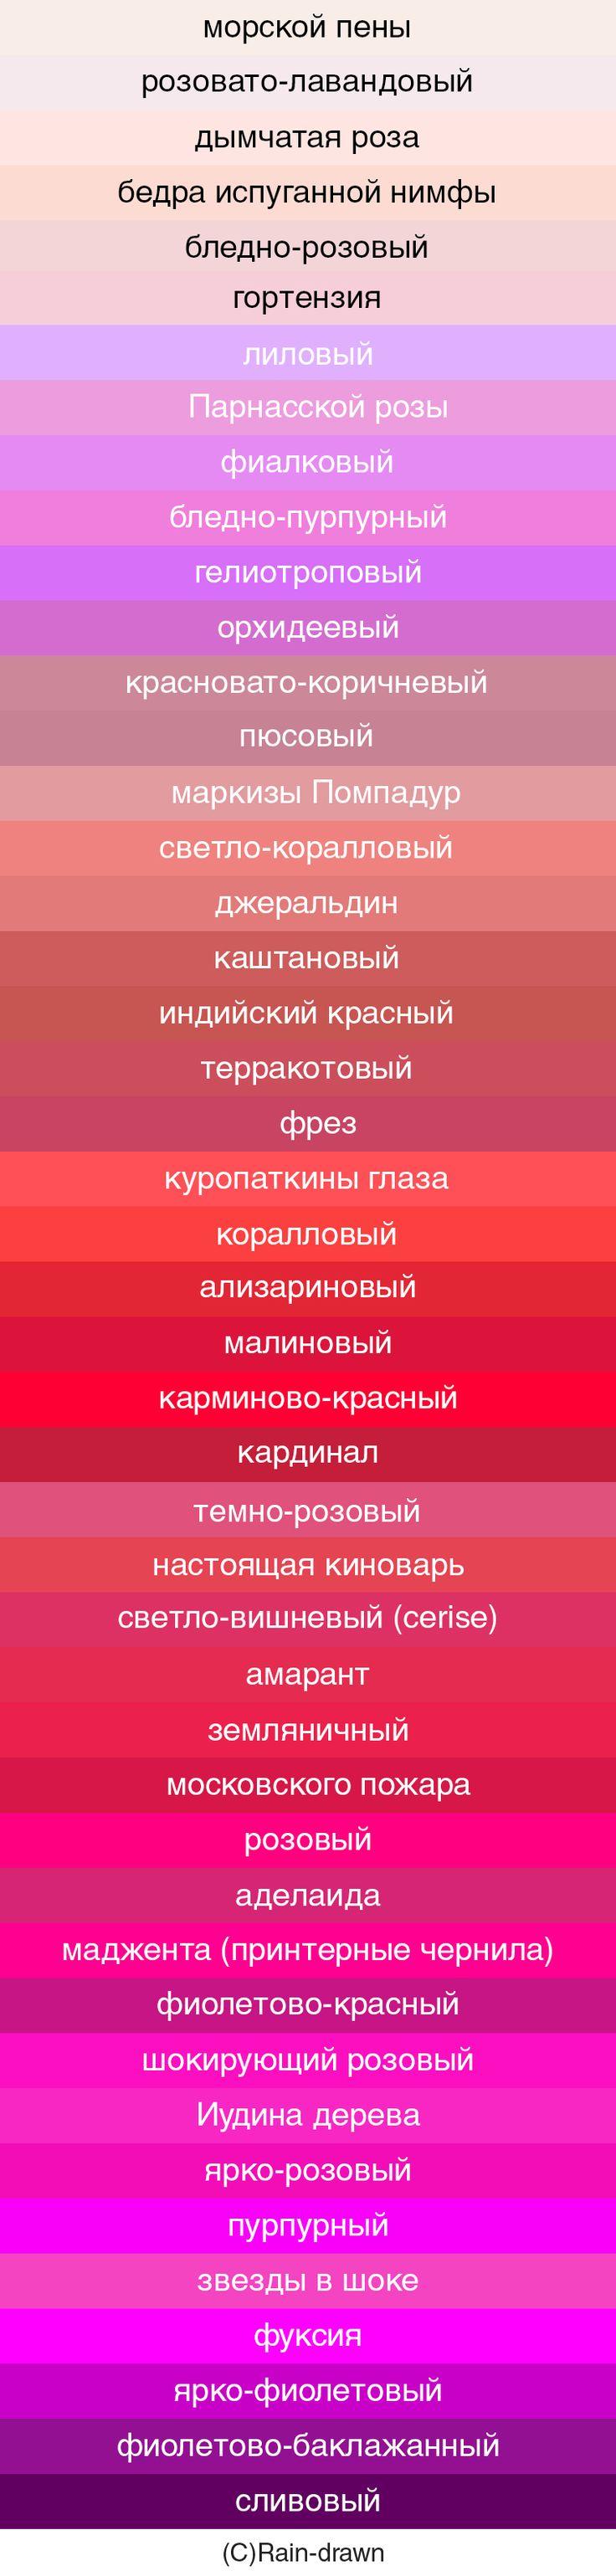 Бедро испуганной нимфы или блошиное брюшко: учимся различать оттенки красного 2